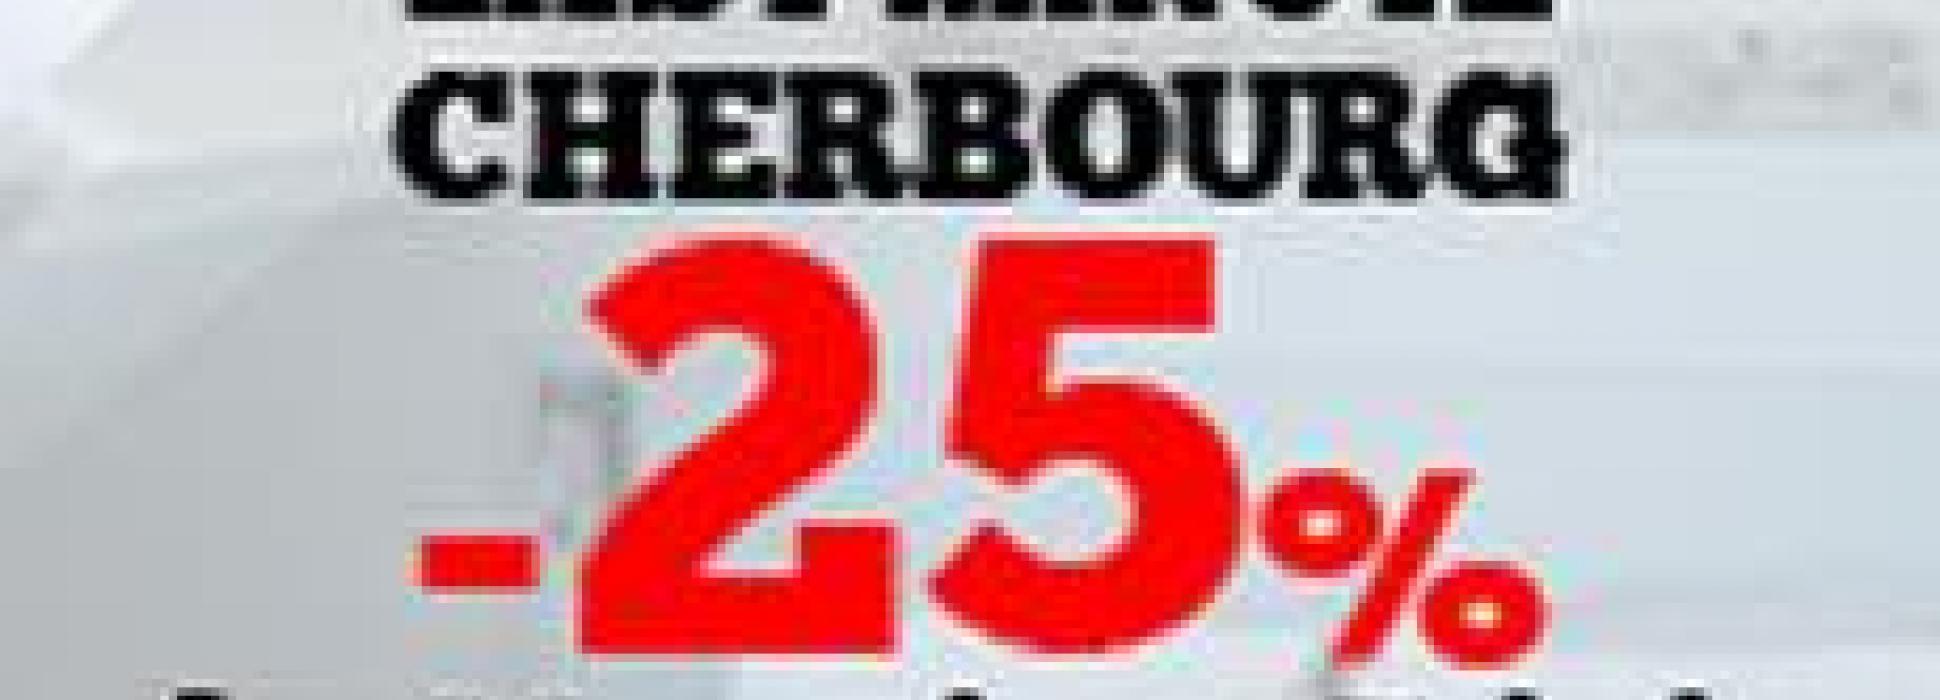 Offre Last Minute Cherbourg : - 25% pour votre séjour entre le 29 mai et 7 juin